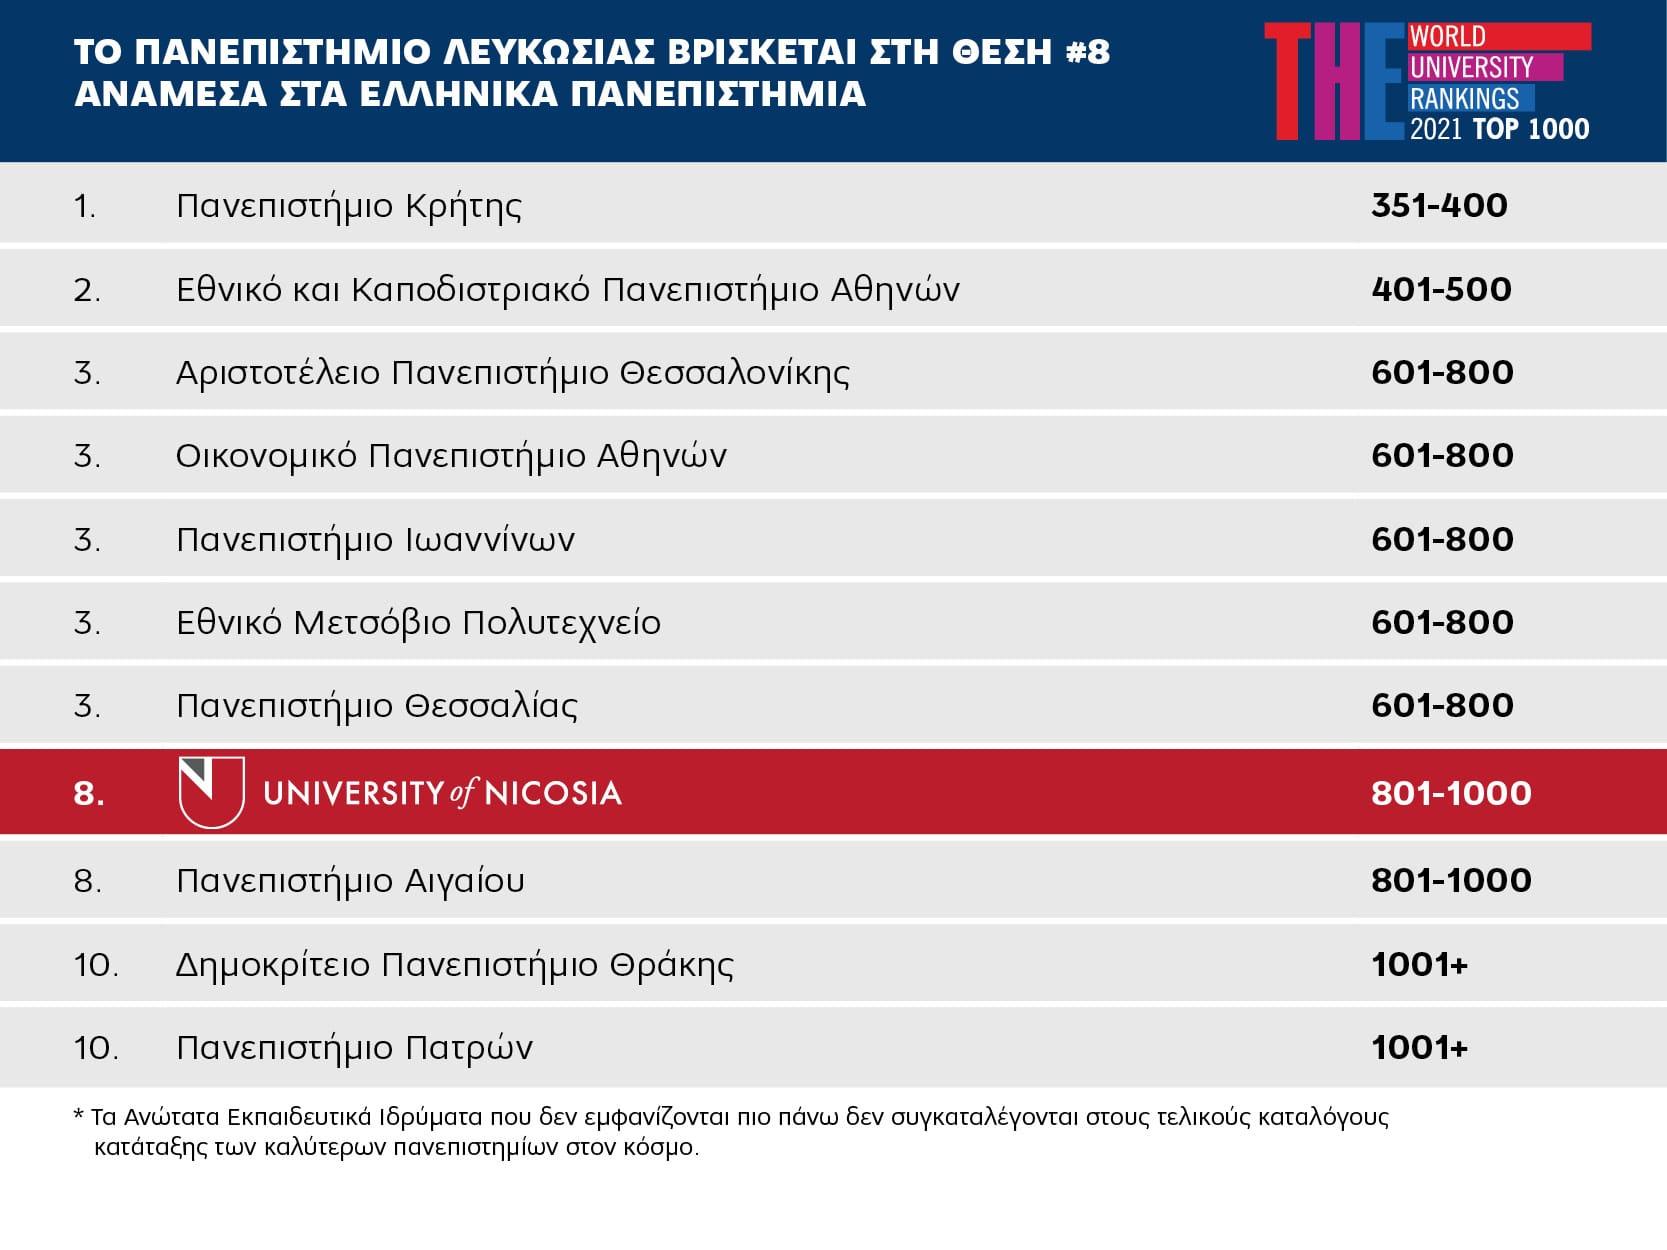 panepistimio_lefkosias_pinakas1